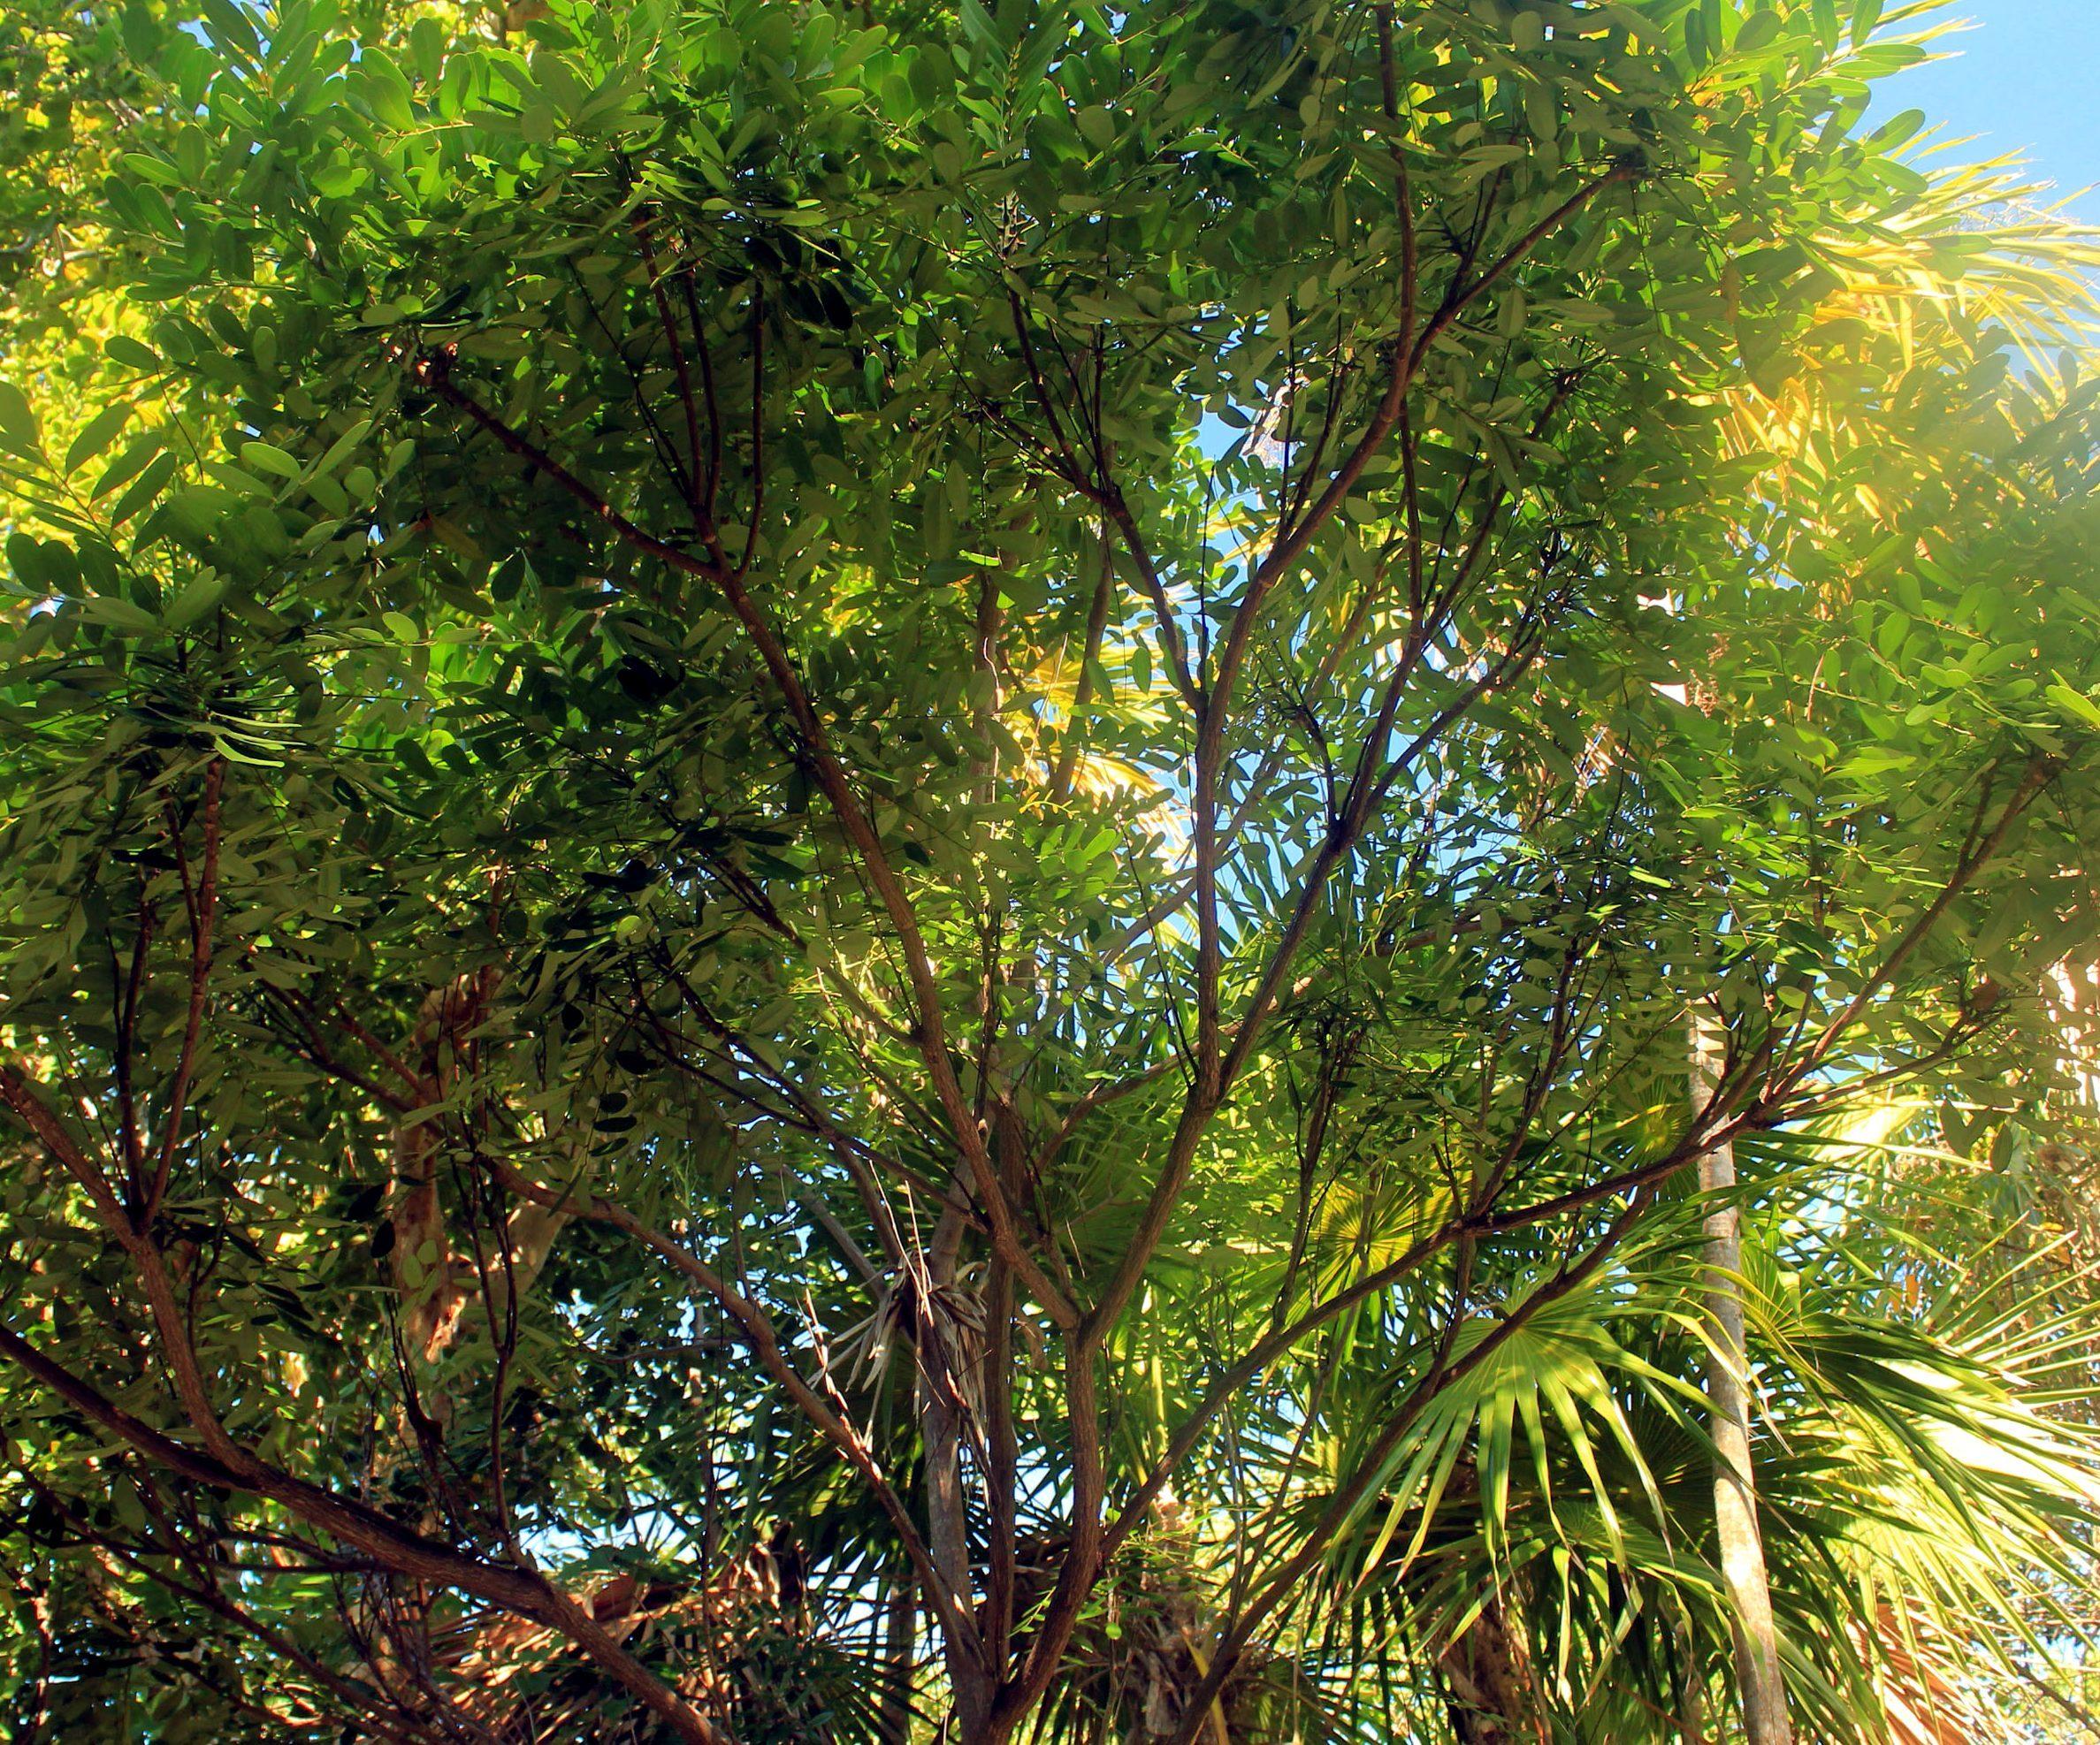 райско дърво Безплатна снимка: райско дърво райско дърво